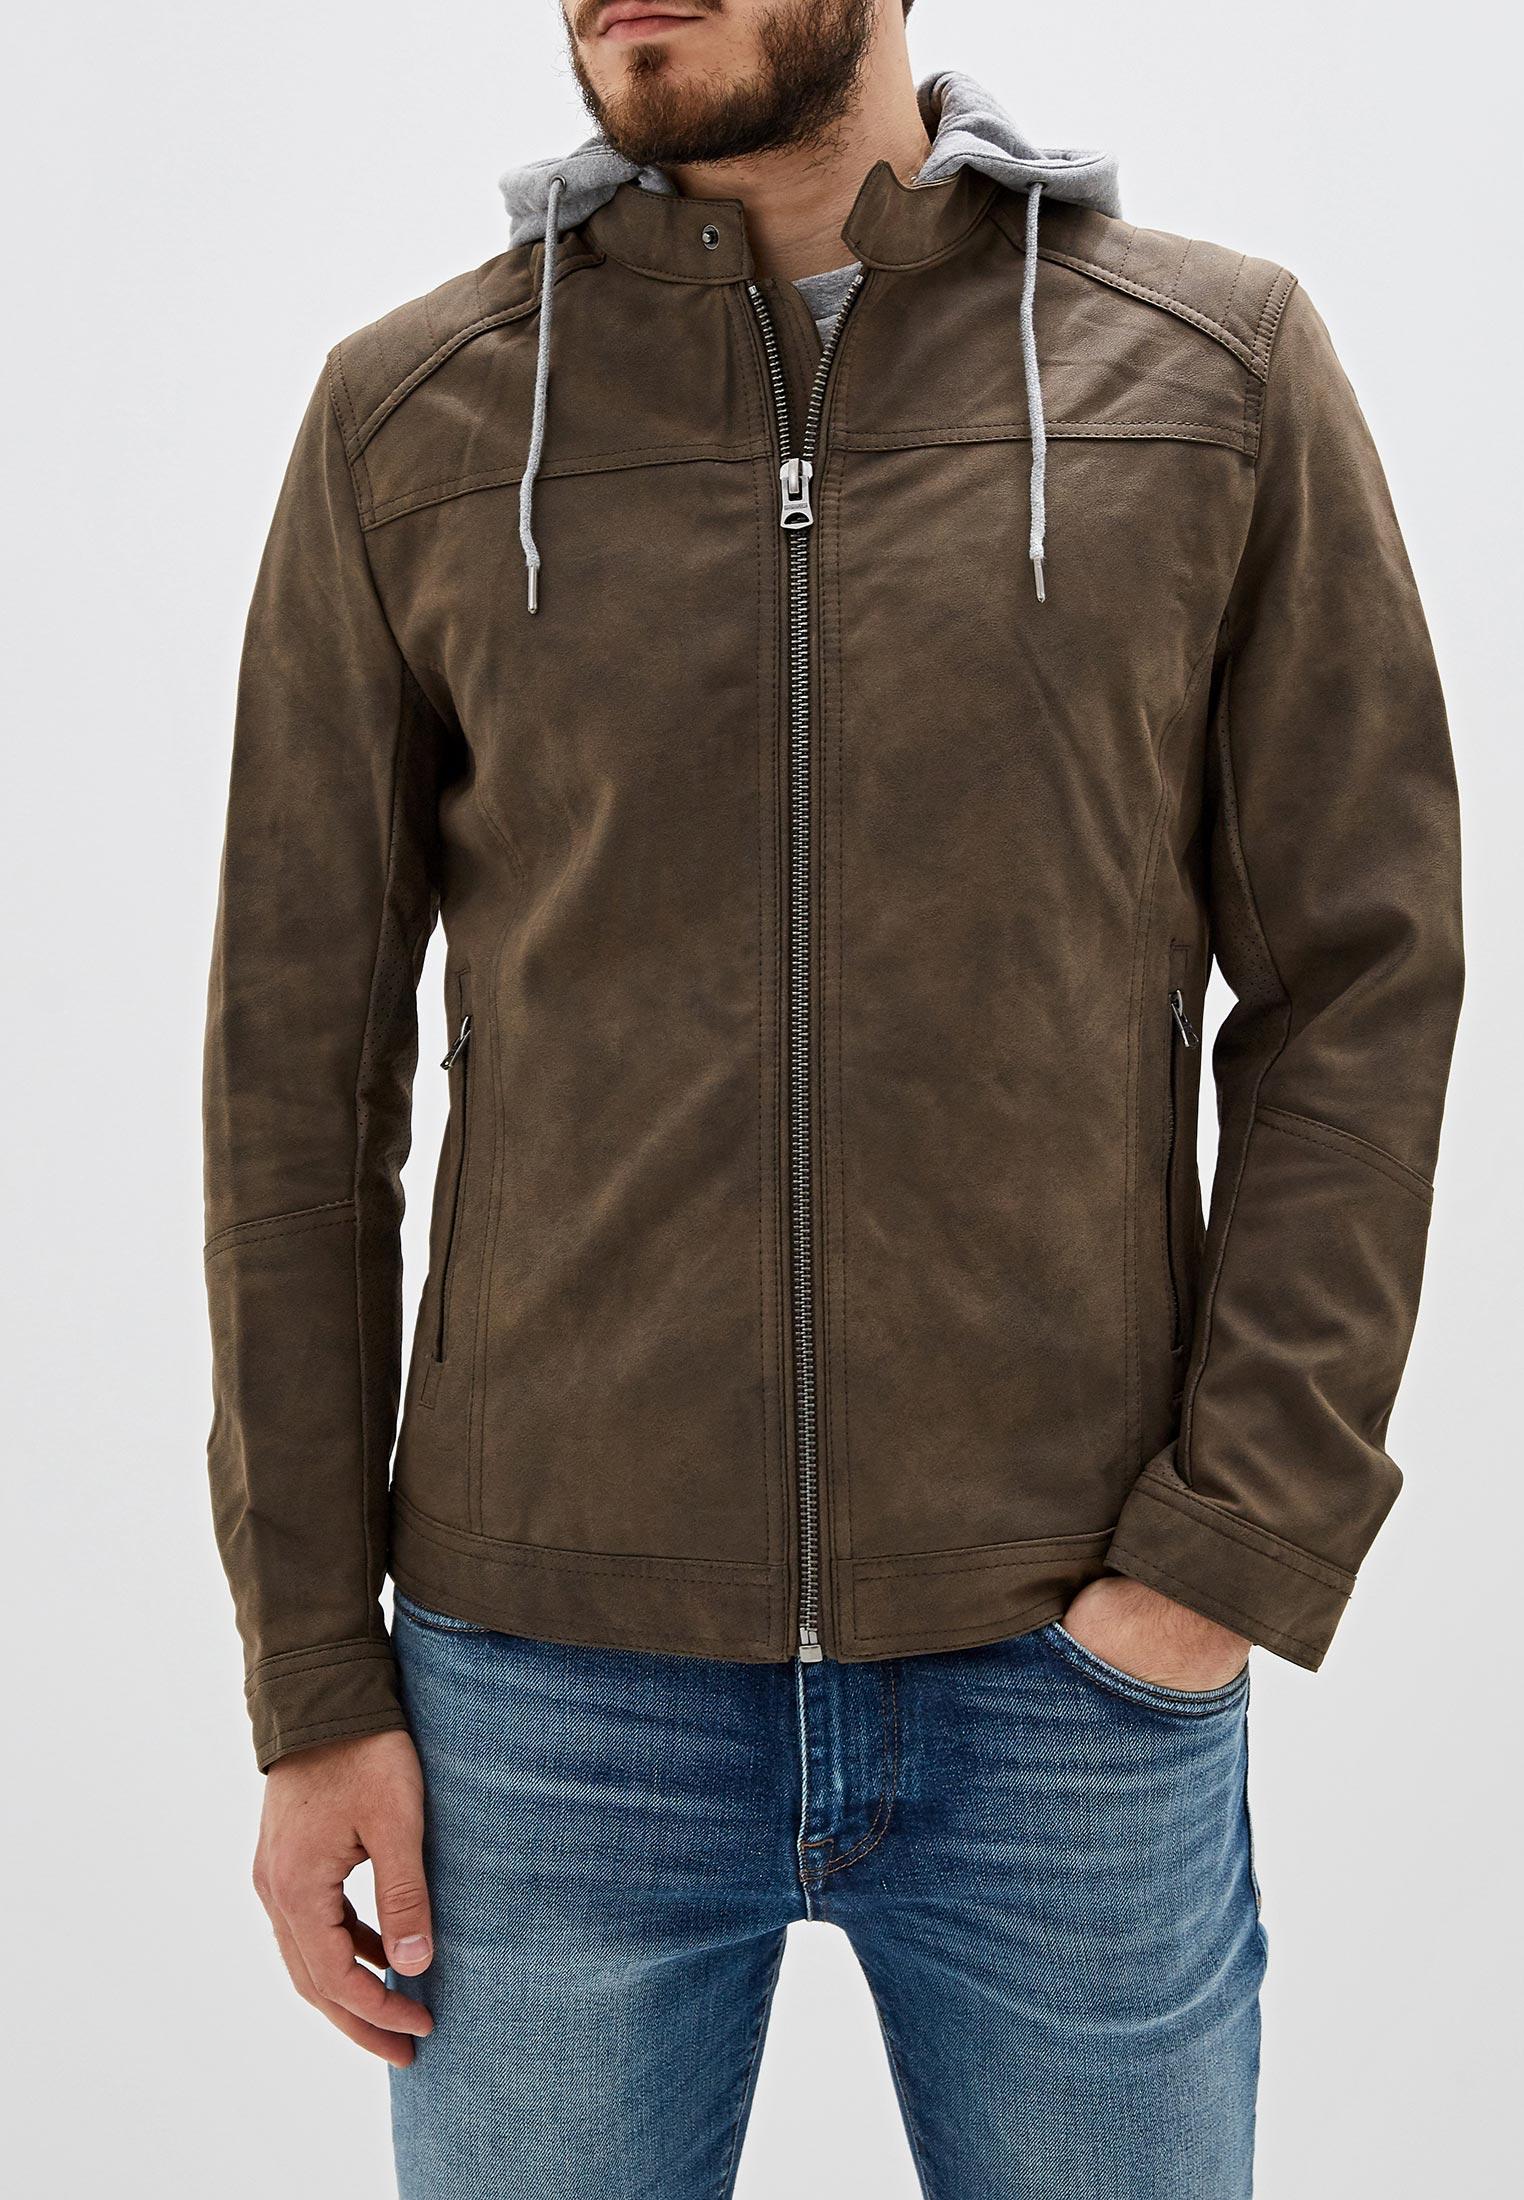 Куртка кожаная, Springfield, цвет: коричневый. Артикул: SP014EMGFAL4. Одежда / Верхняя одежда / Кожаные куртки